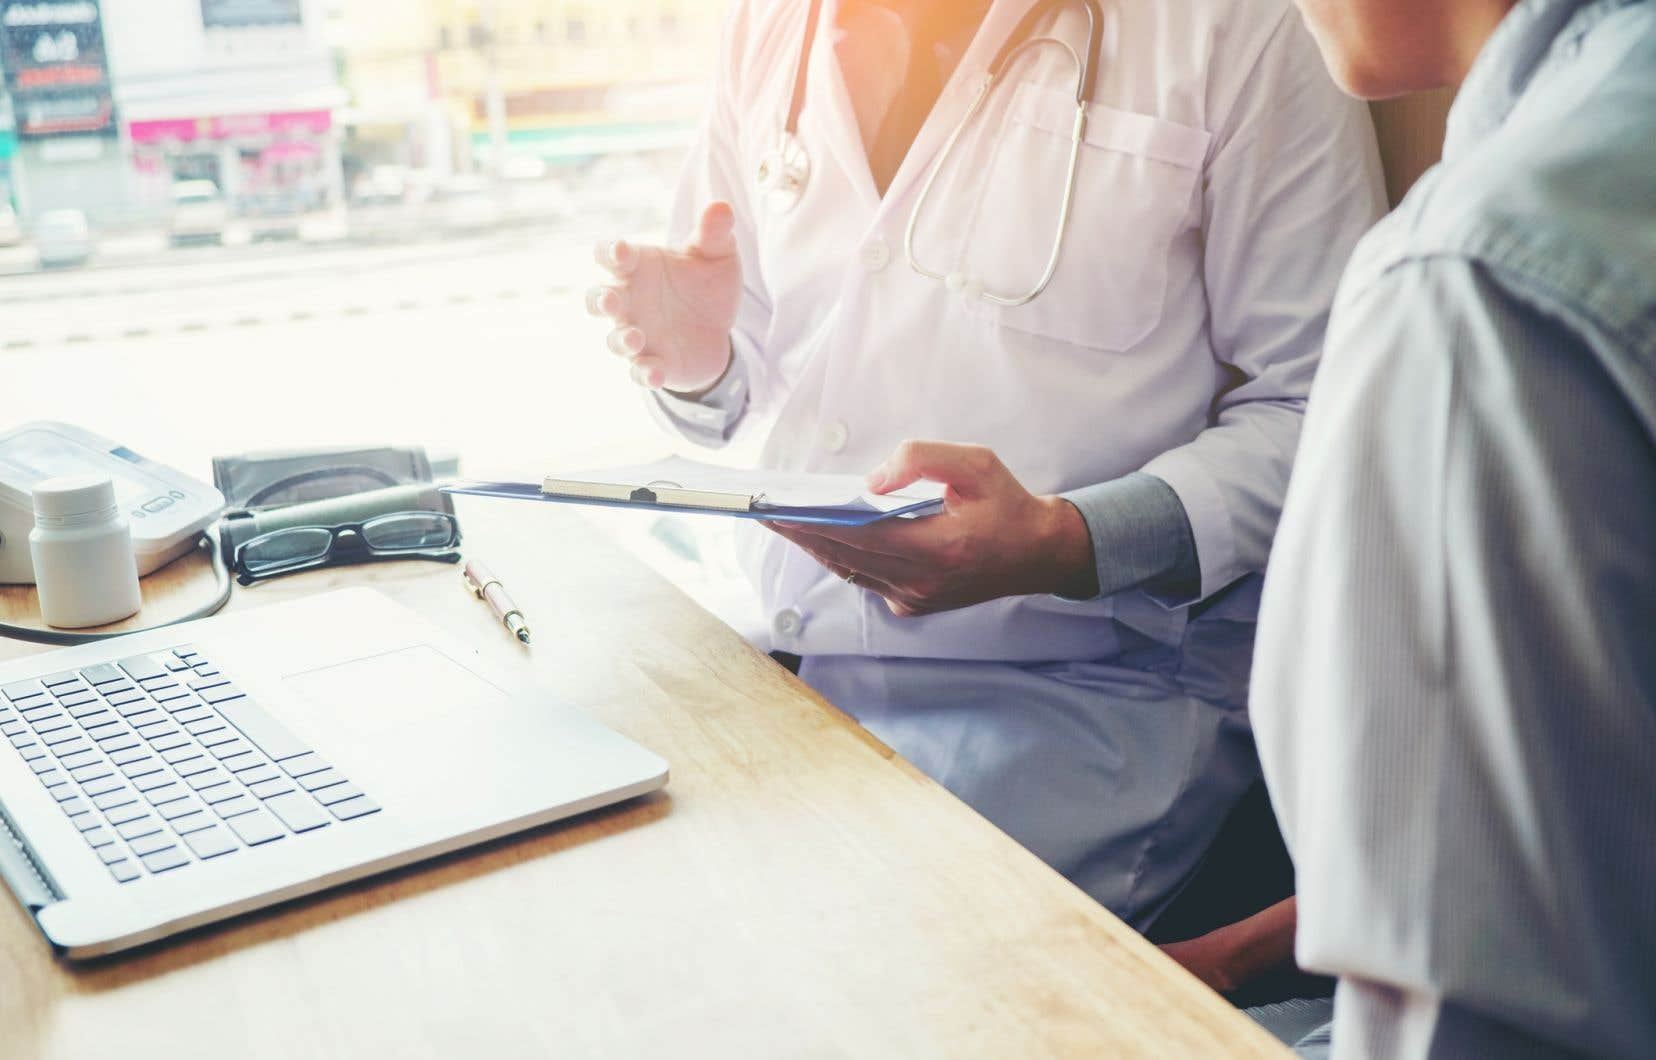 Dénommé PapSEEK, ce nouveau test analyse l'ADN contenu dans les échantillons prélevés dans le col de l'utérus, dans l'utérus ou dans le sang, dans le but d'y déceler des mutations génétiques associées à ces deux cancers.